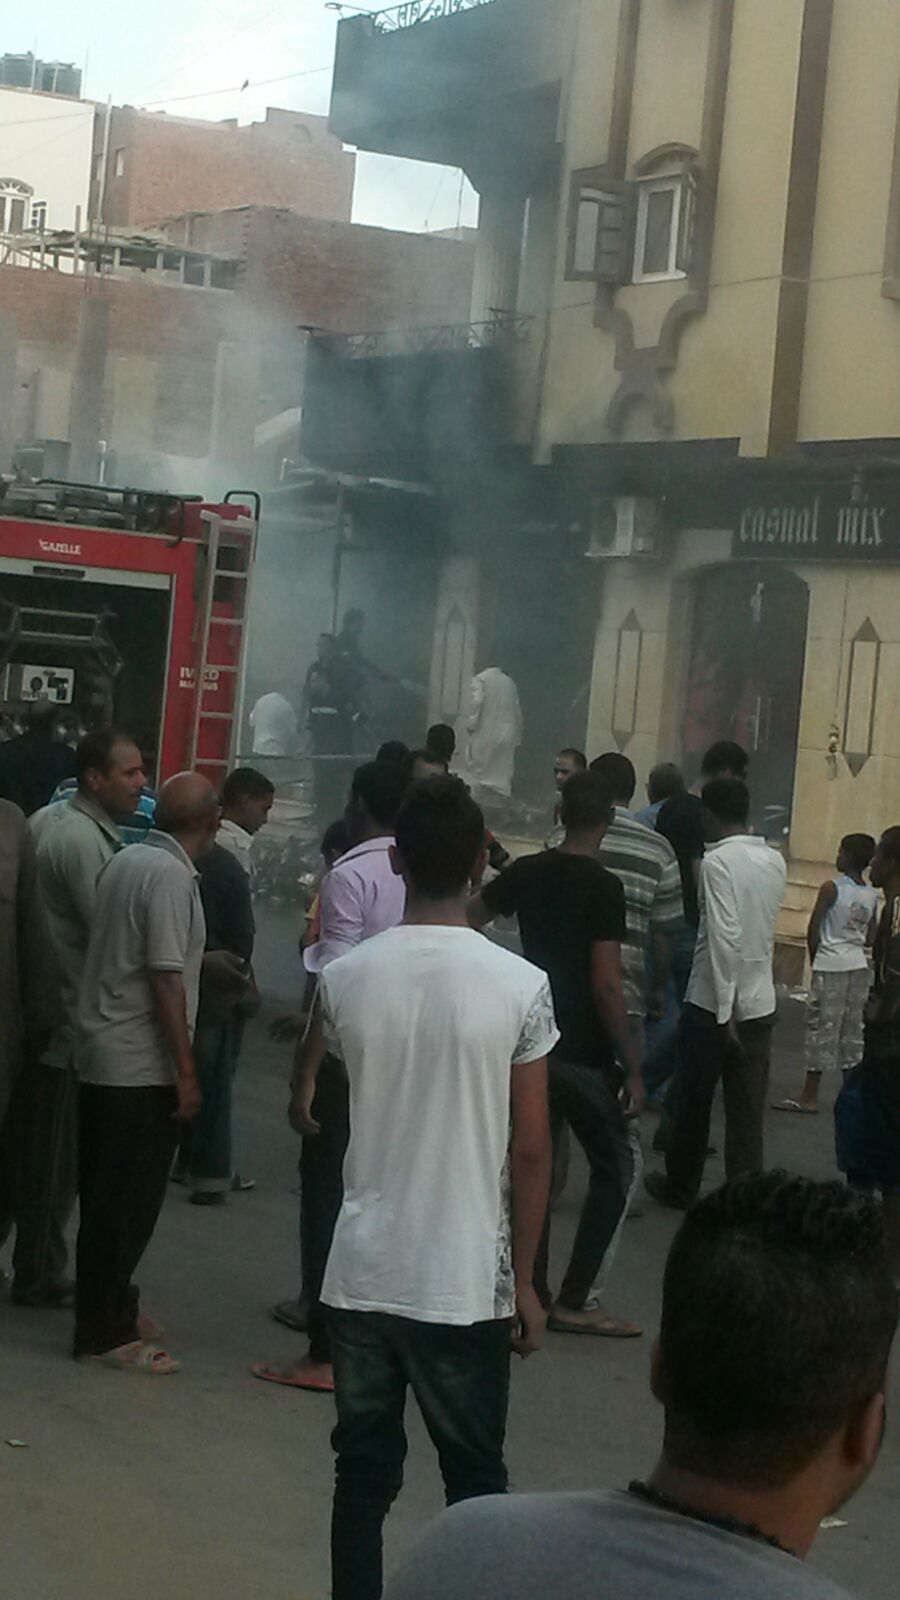 بالصور والفيديو.. اندلاع حريق بأحد المحال التجارية في مدينة القصير بالبحر الأحمر